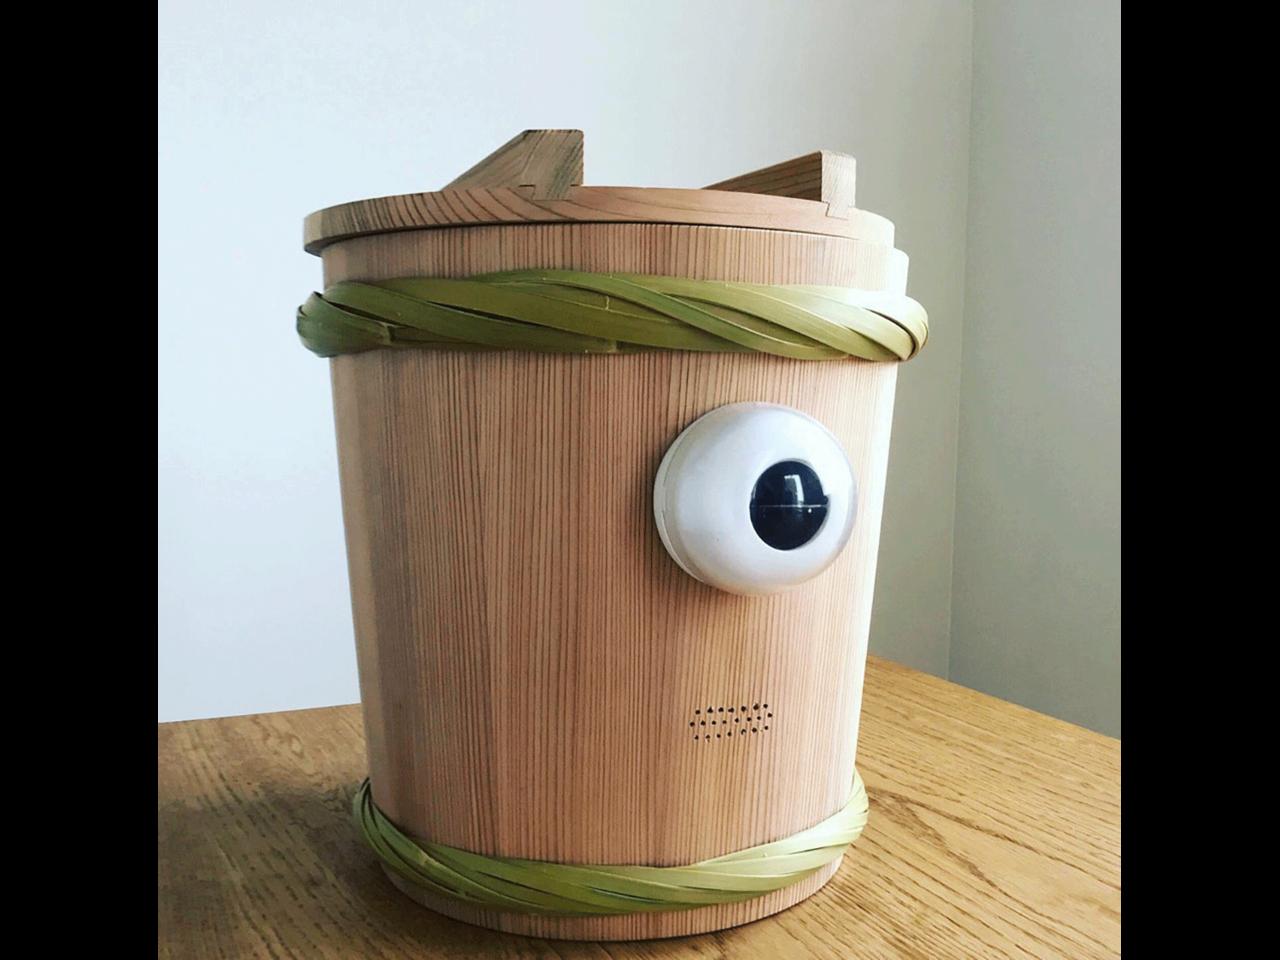 発酵ロボット、ヌカボットの誕生。